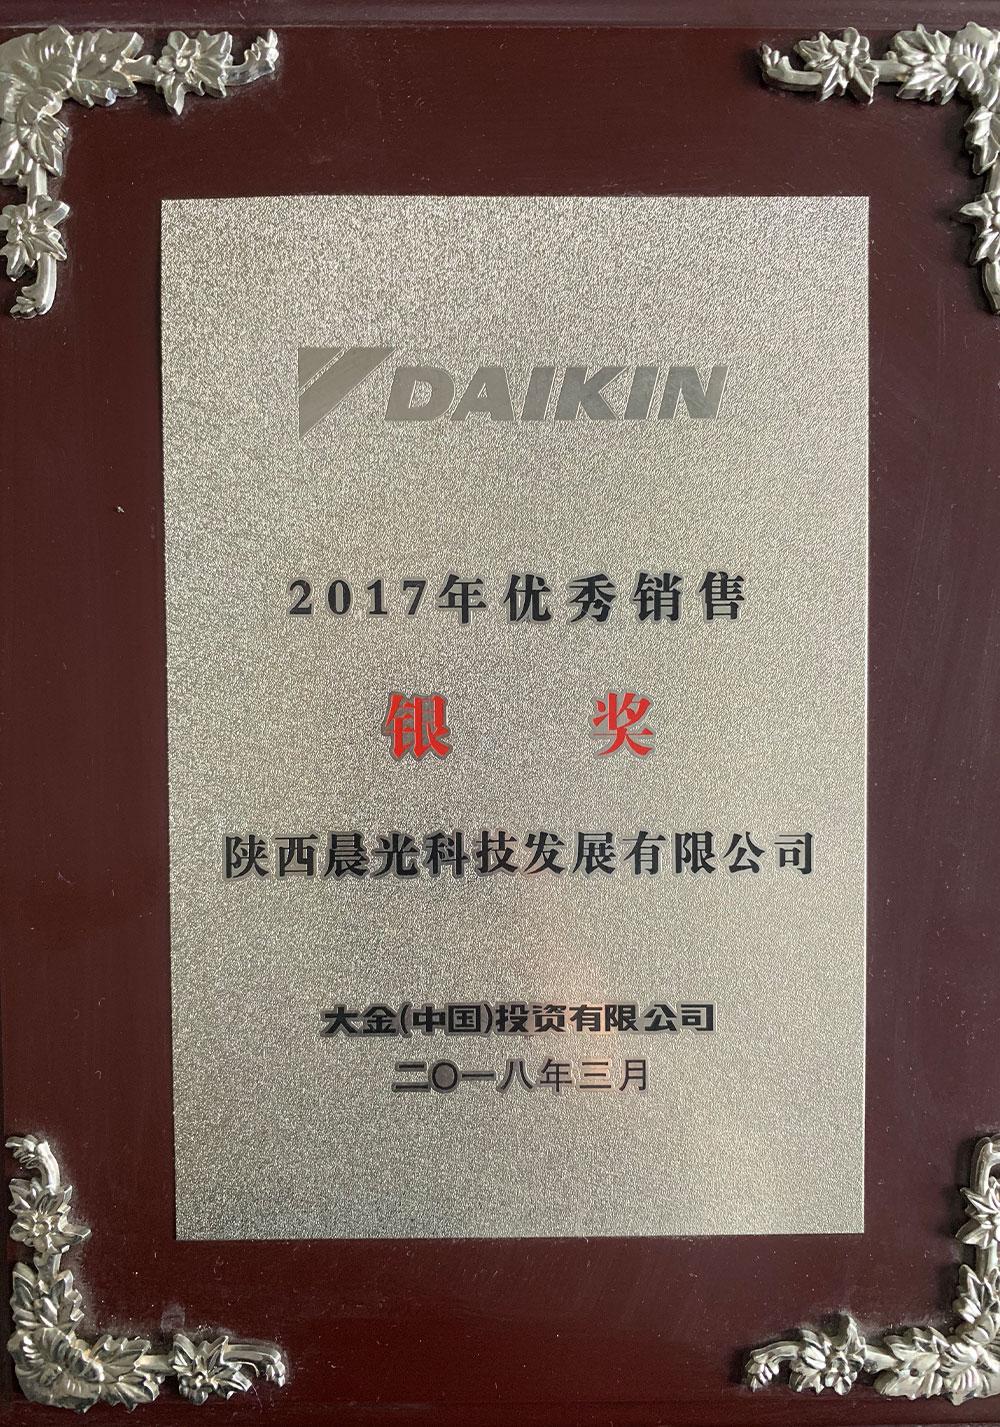 Daikin Silver Award